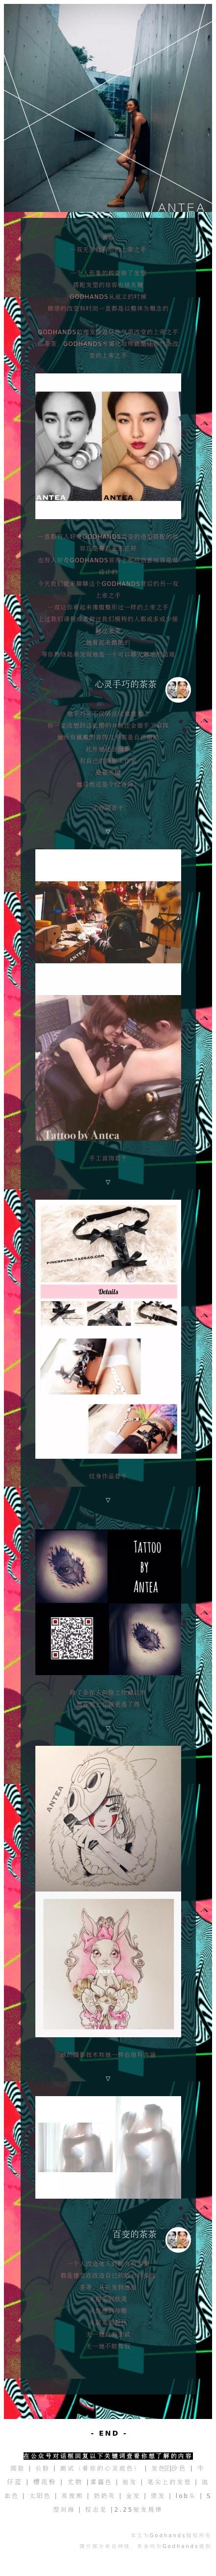 时尚另类花哨带动态背景图片微信公众号文章模板